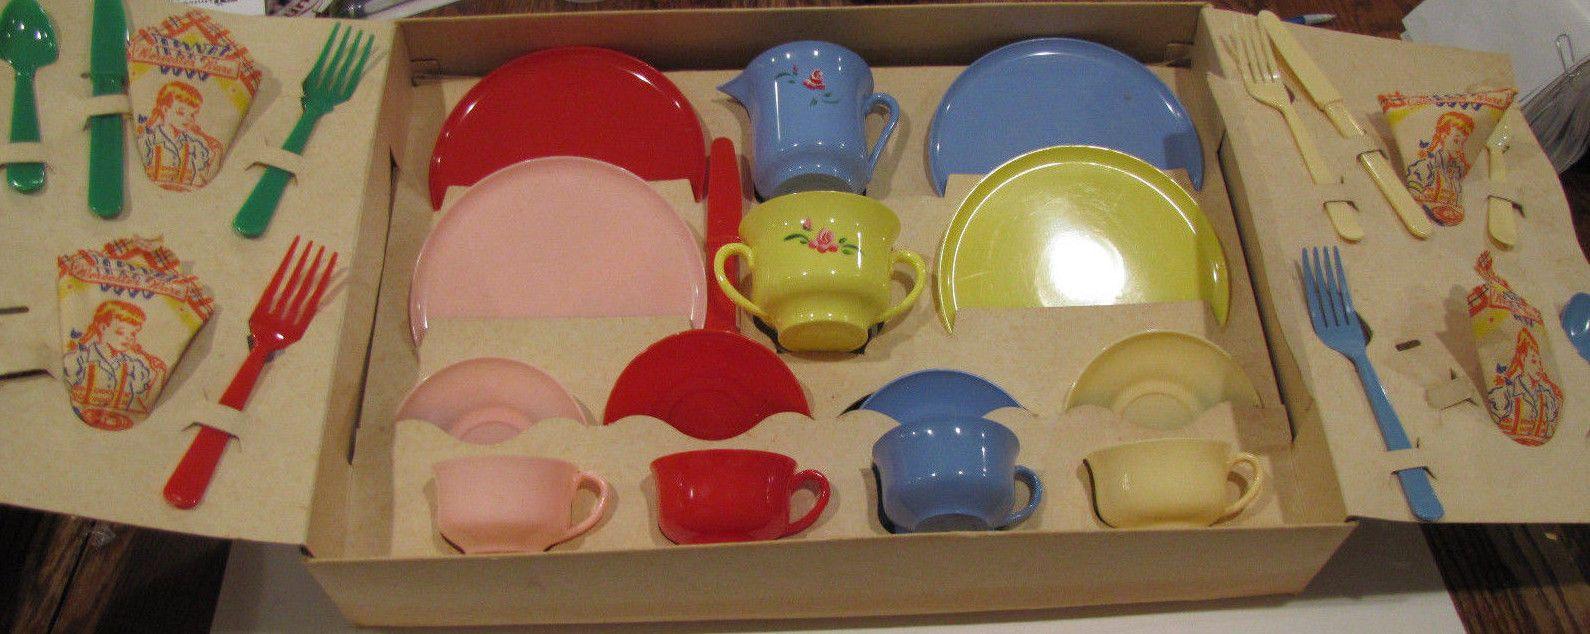 Vintage Worcester Ware Plastic Junior Tea Set 201 Childrens Set Of 4 1960s Toy Ebay Childrens Tea Sets Tea Set 1960s Toys